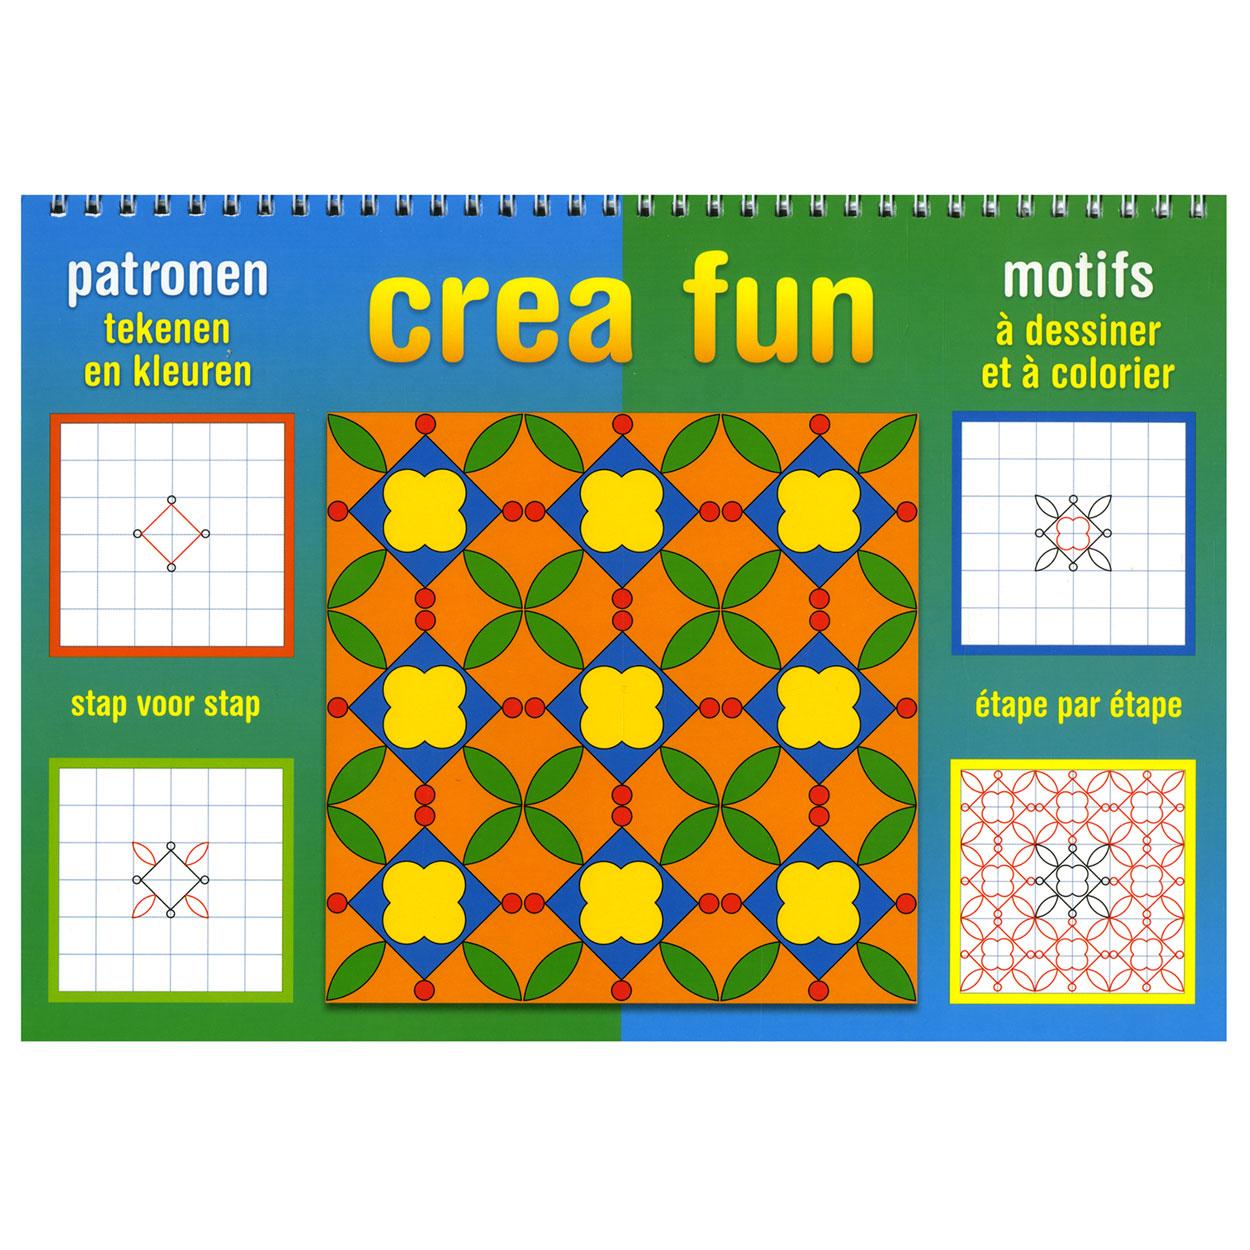 patronen tekenen online